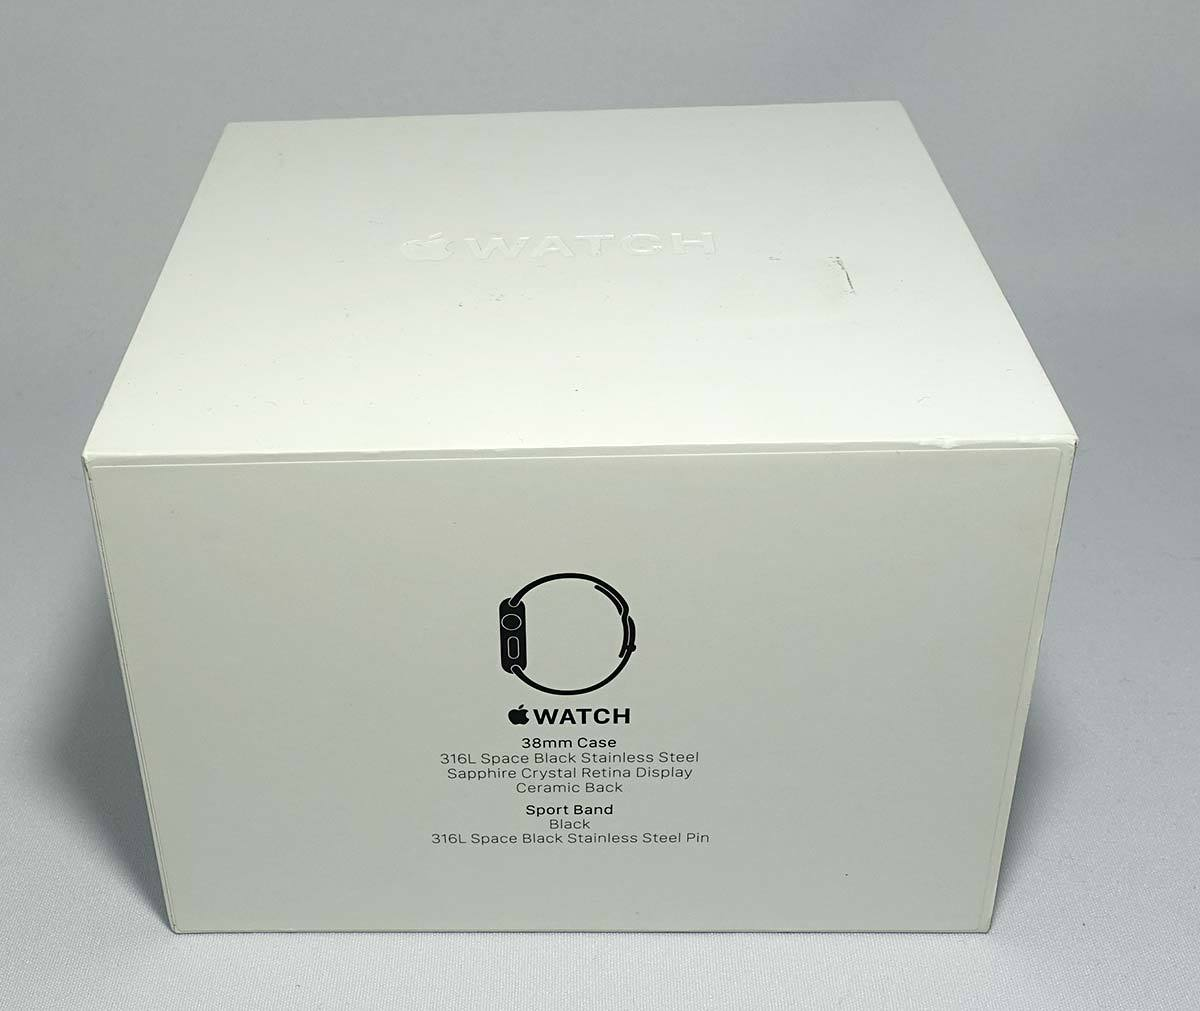 箱付 付属品有 Apple Watch 38mm MLCK2J/A A1553 ブラック ステンレススチール ブラック スポーツバンド アップル ウォッチ_画像6